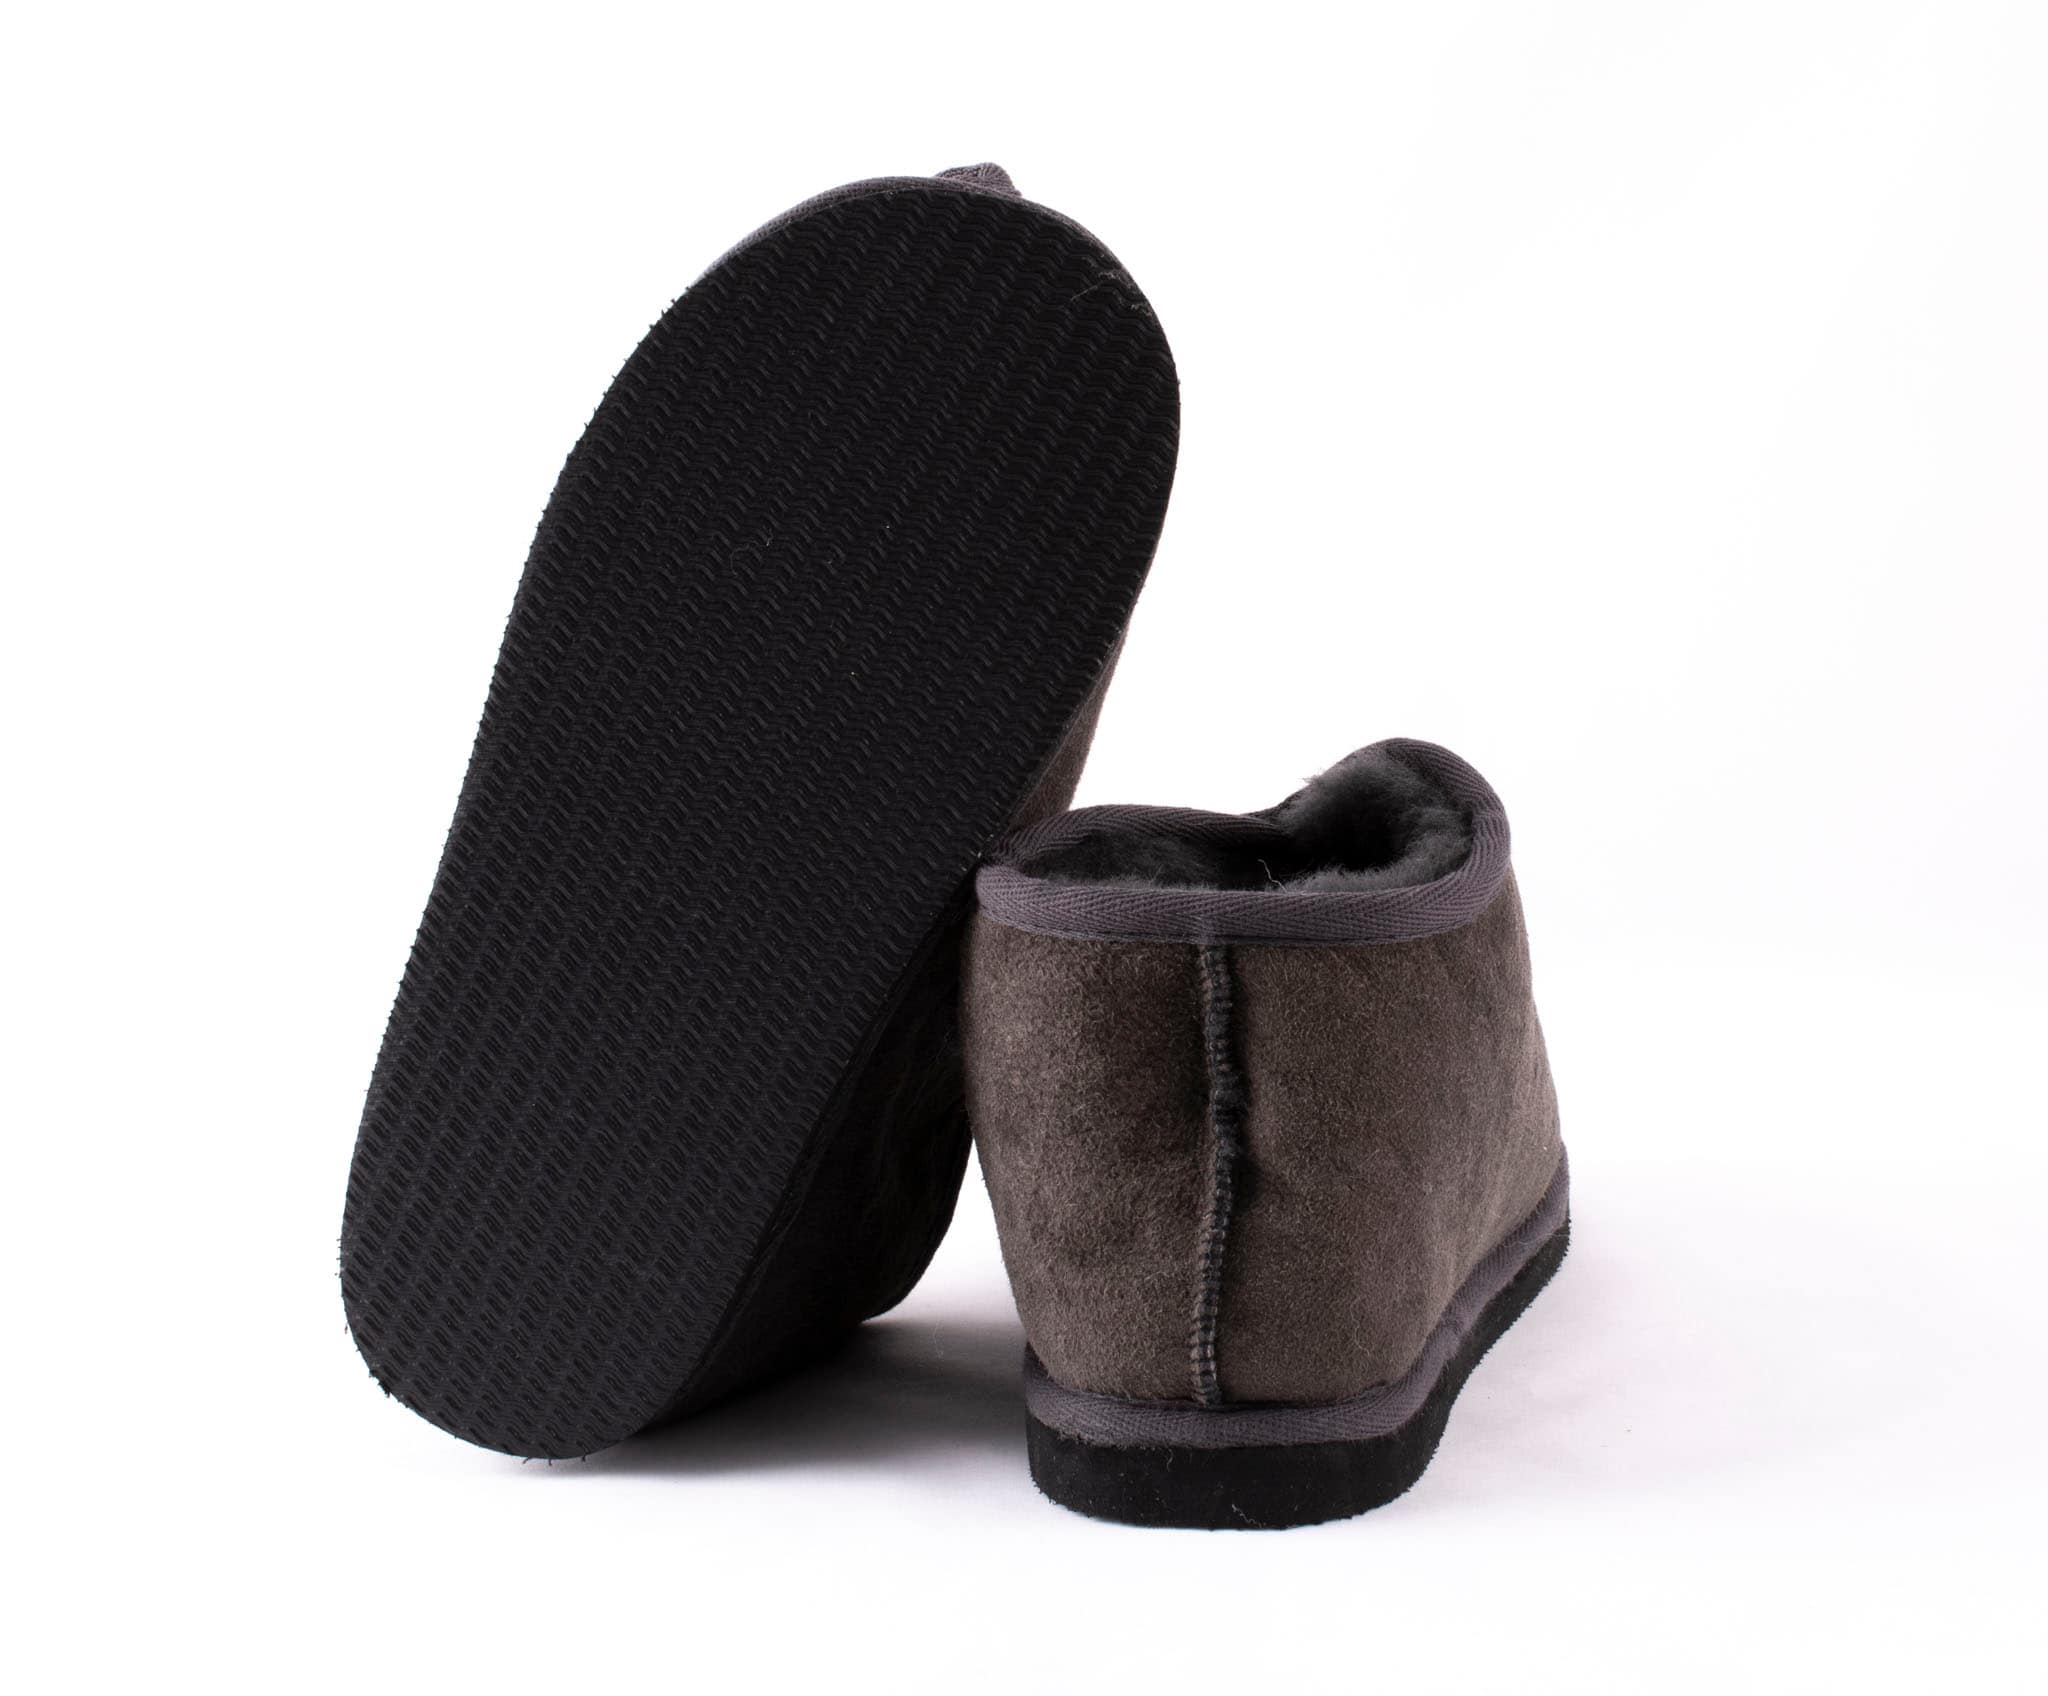 Danny sheepskin slippers Asphalt